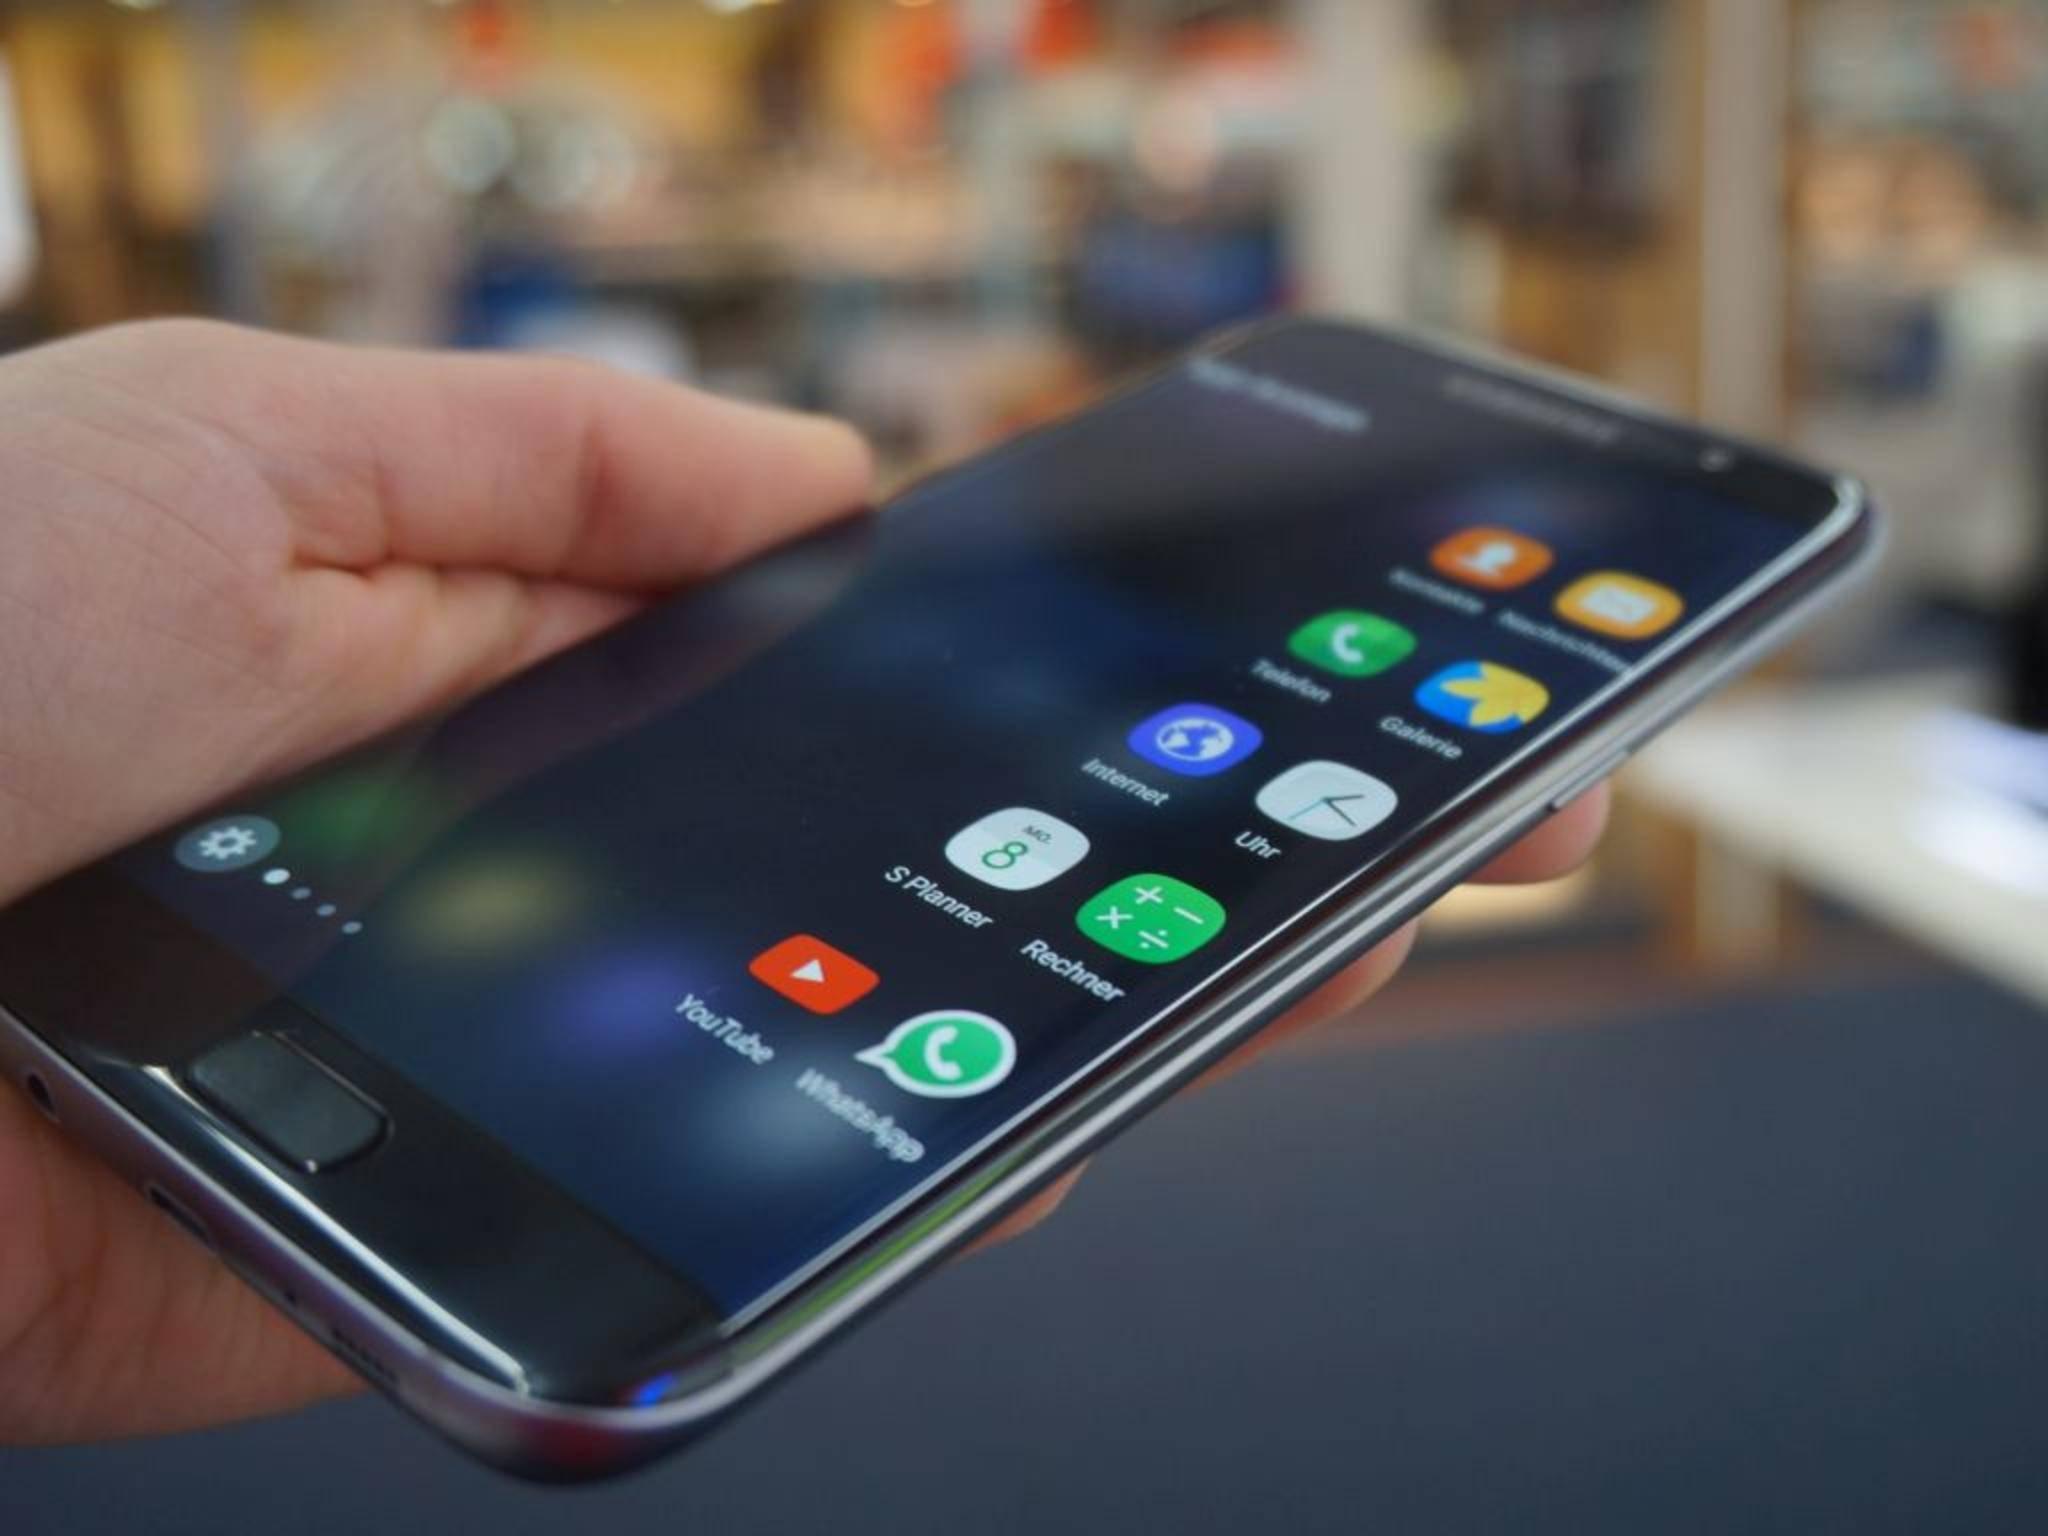 NICHT VERWENDEN VOR 21. FEBRUAR! Samsung Galaxy S7 Edge 22